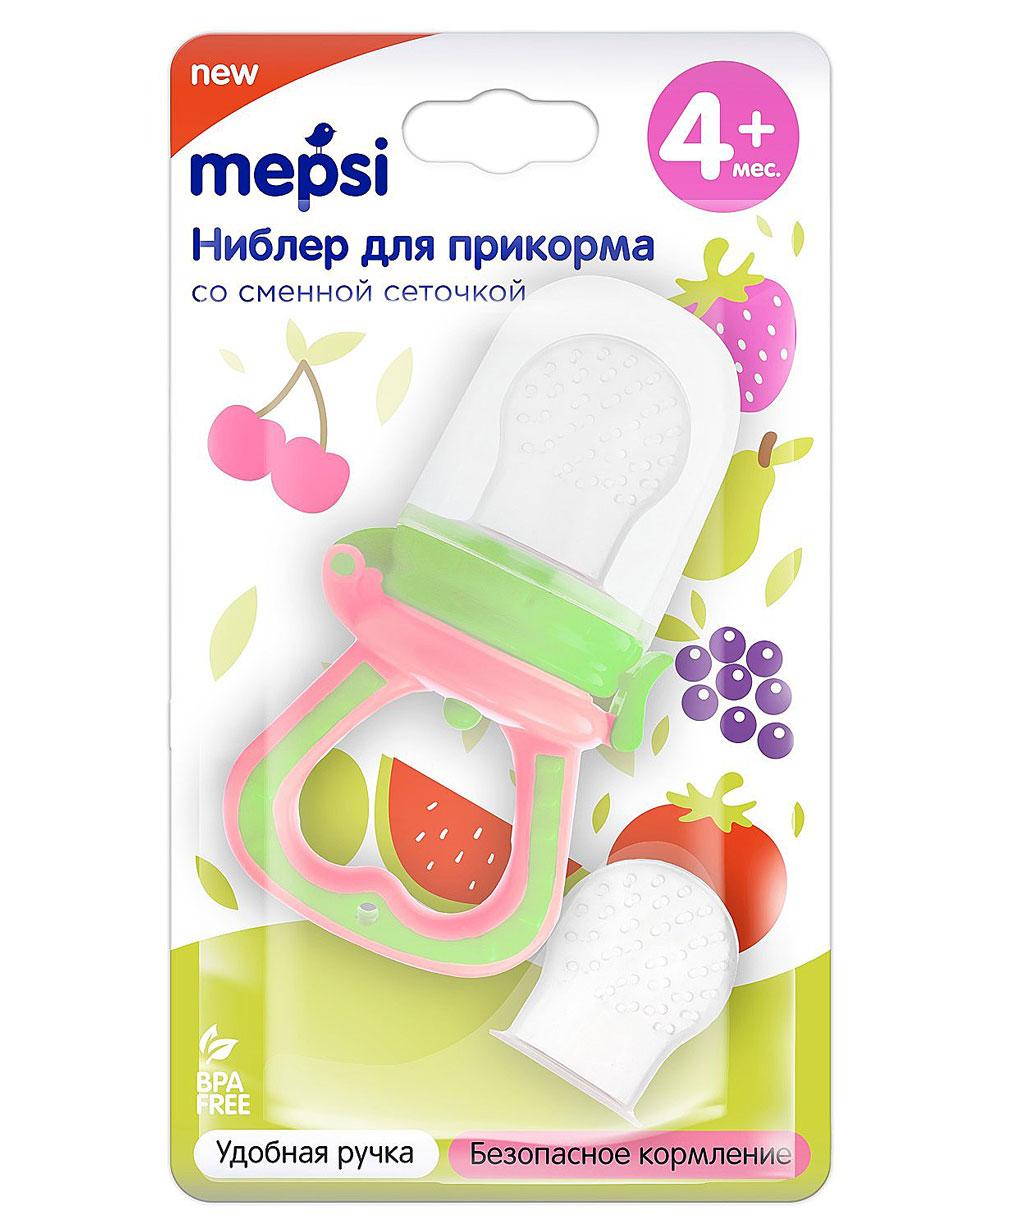 MEPSI 0345 Ниблер для прикорма, 4+